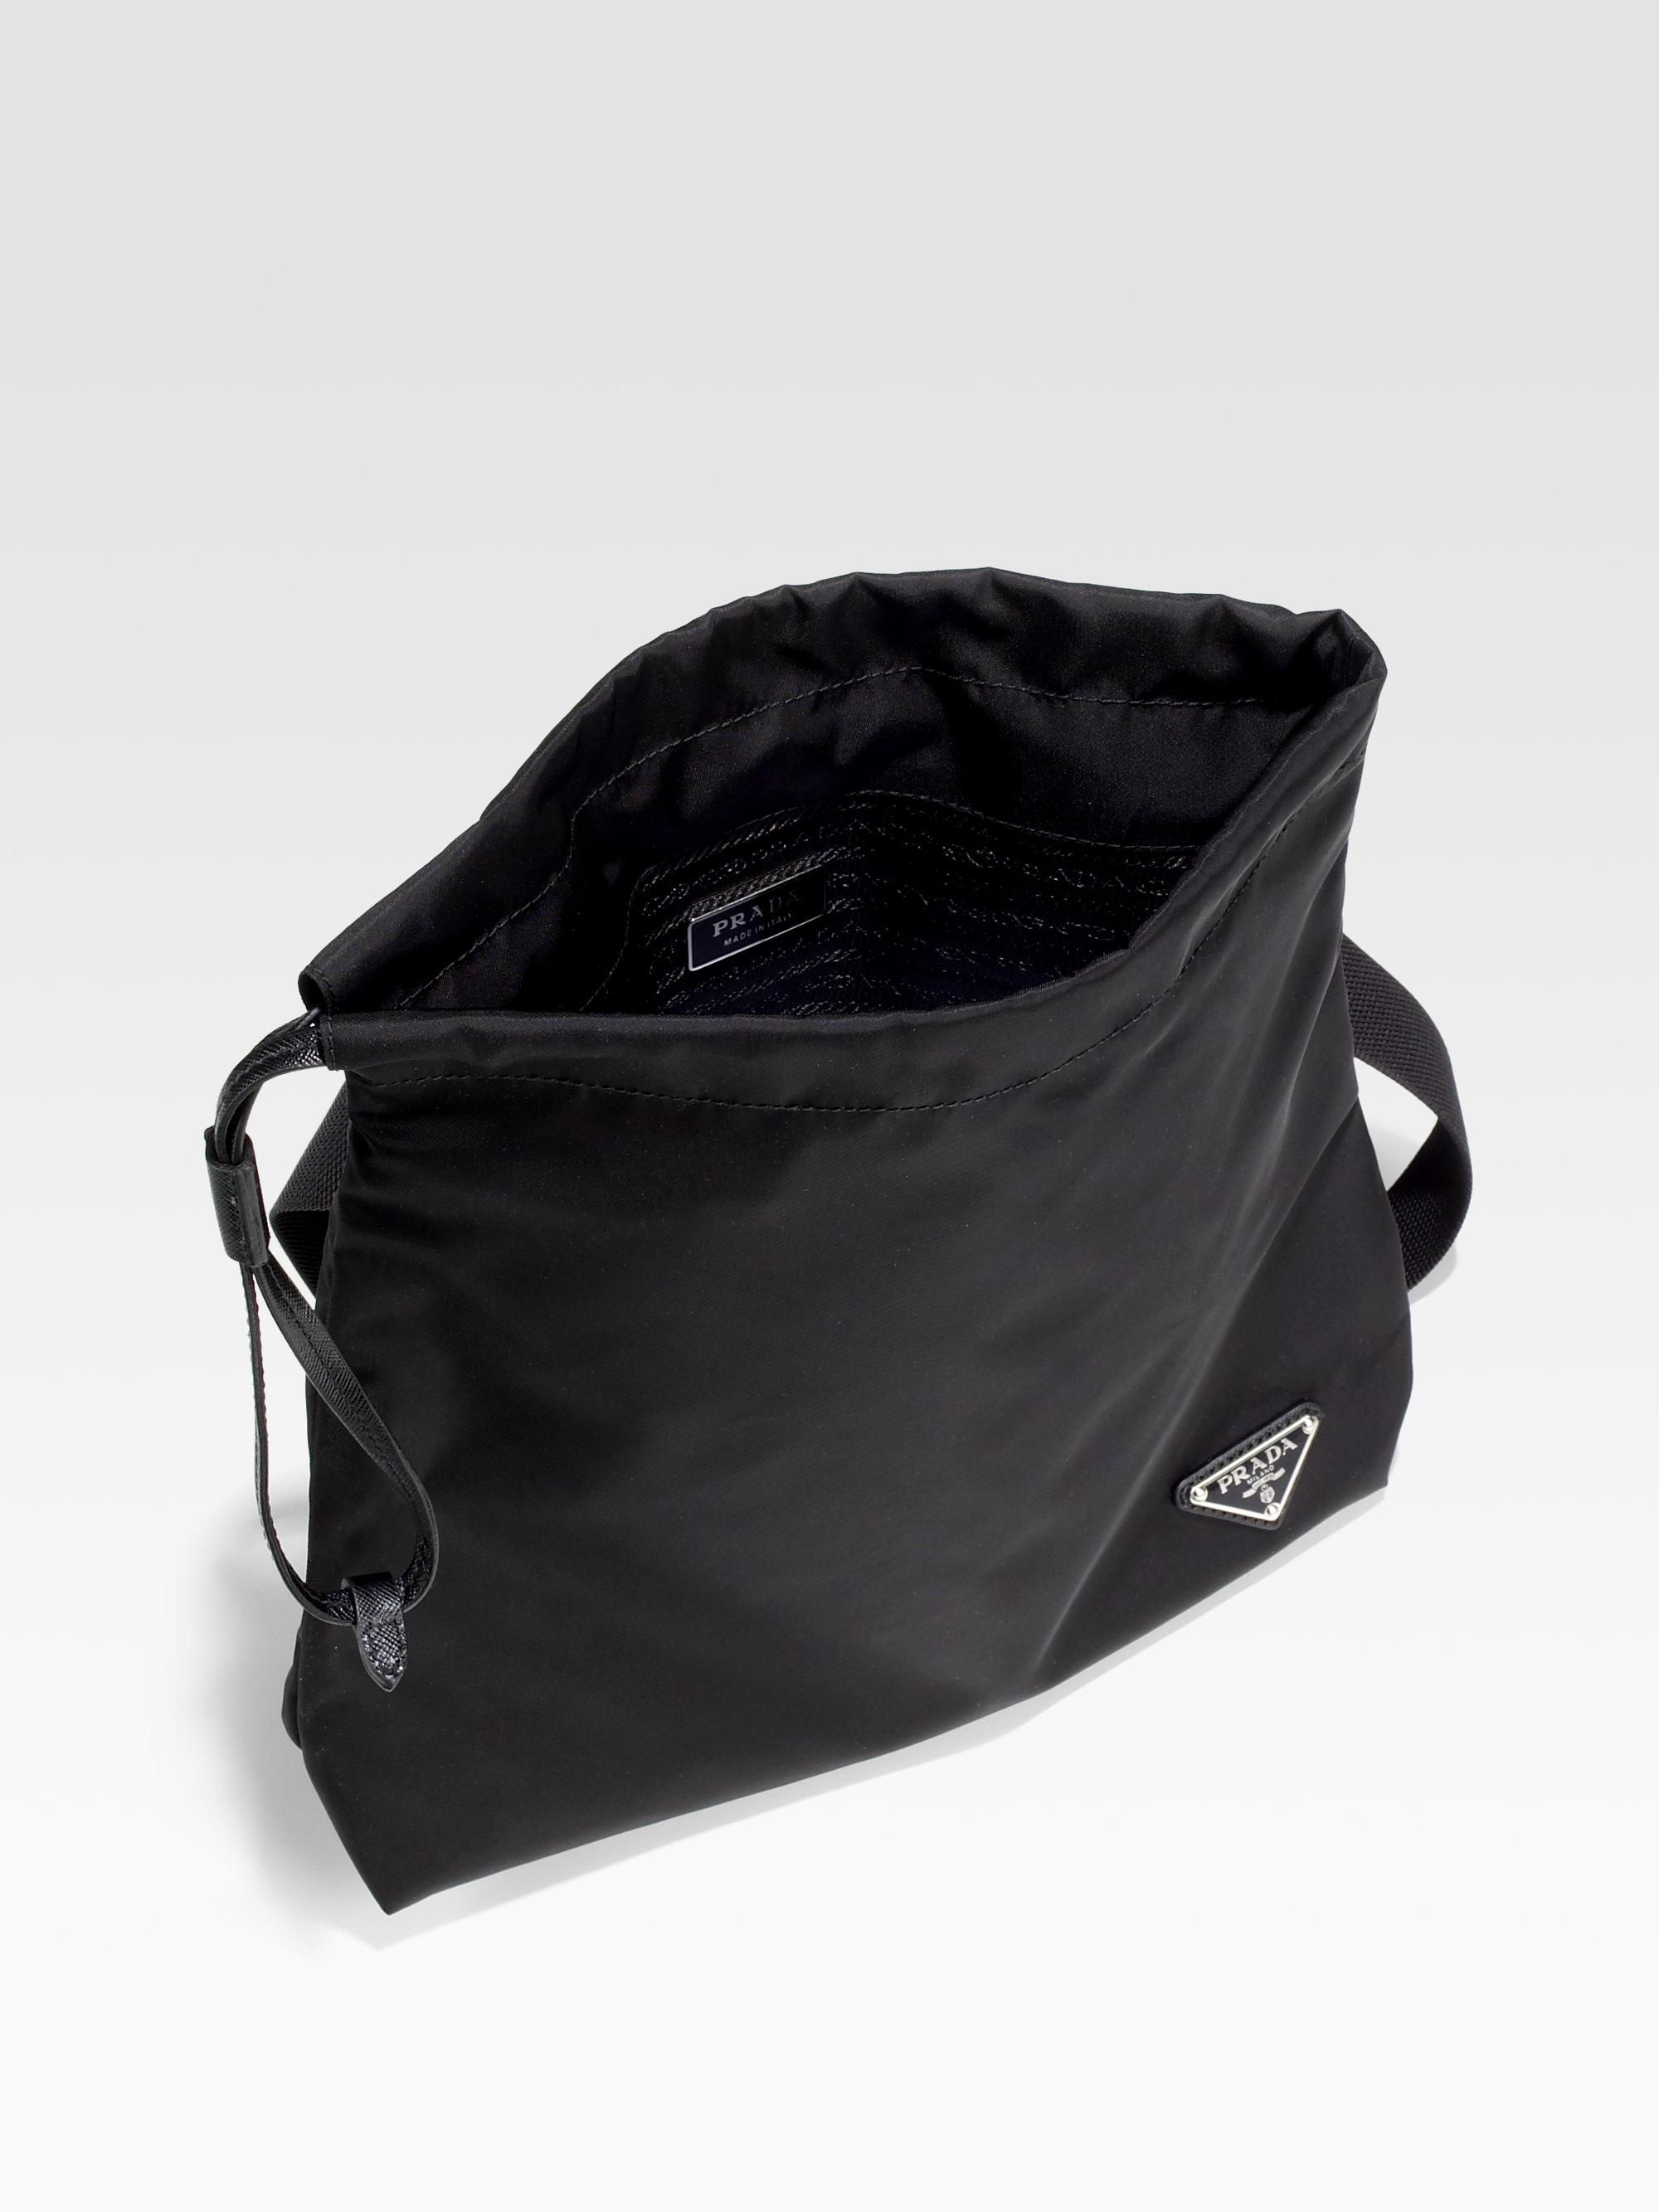 e7ed618e61 reduced prada tessuto small bow crossbody bag black nero 75d37 faeab   aliexpress lyst prada tessuto saffiano crossbody bag in black for men d7896  401a8